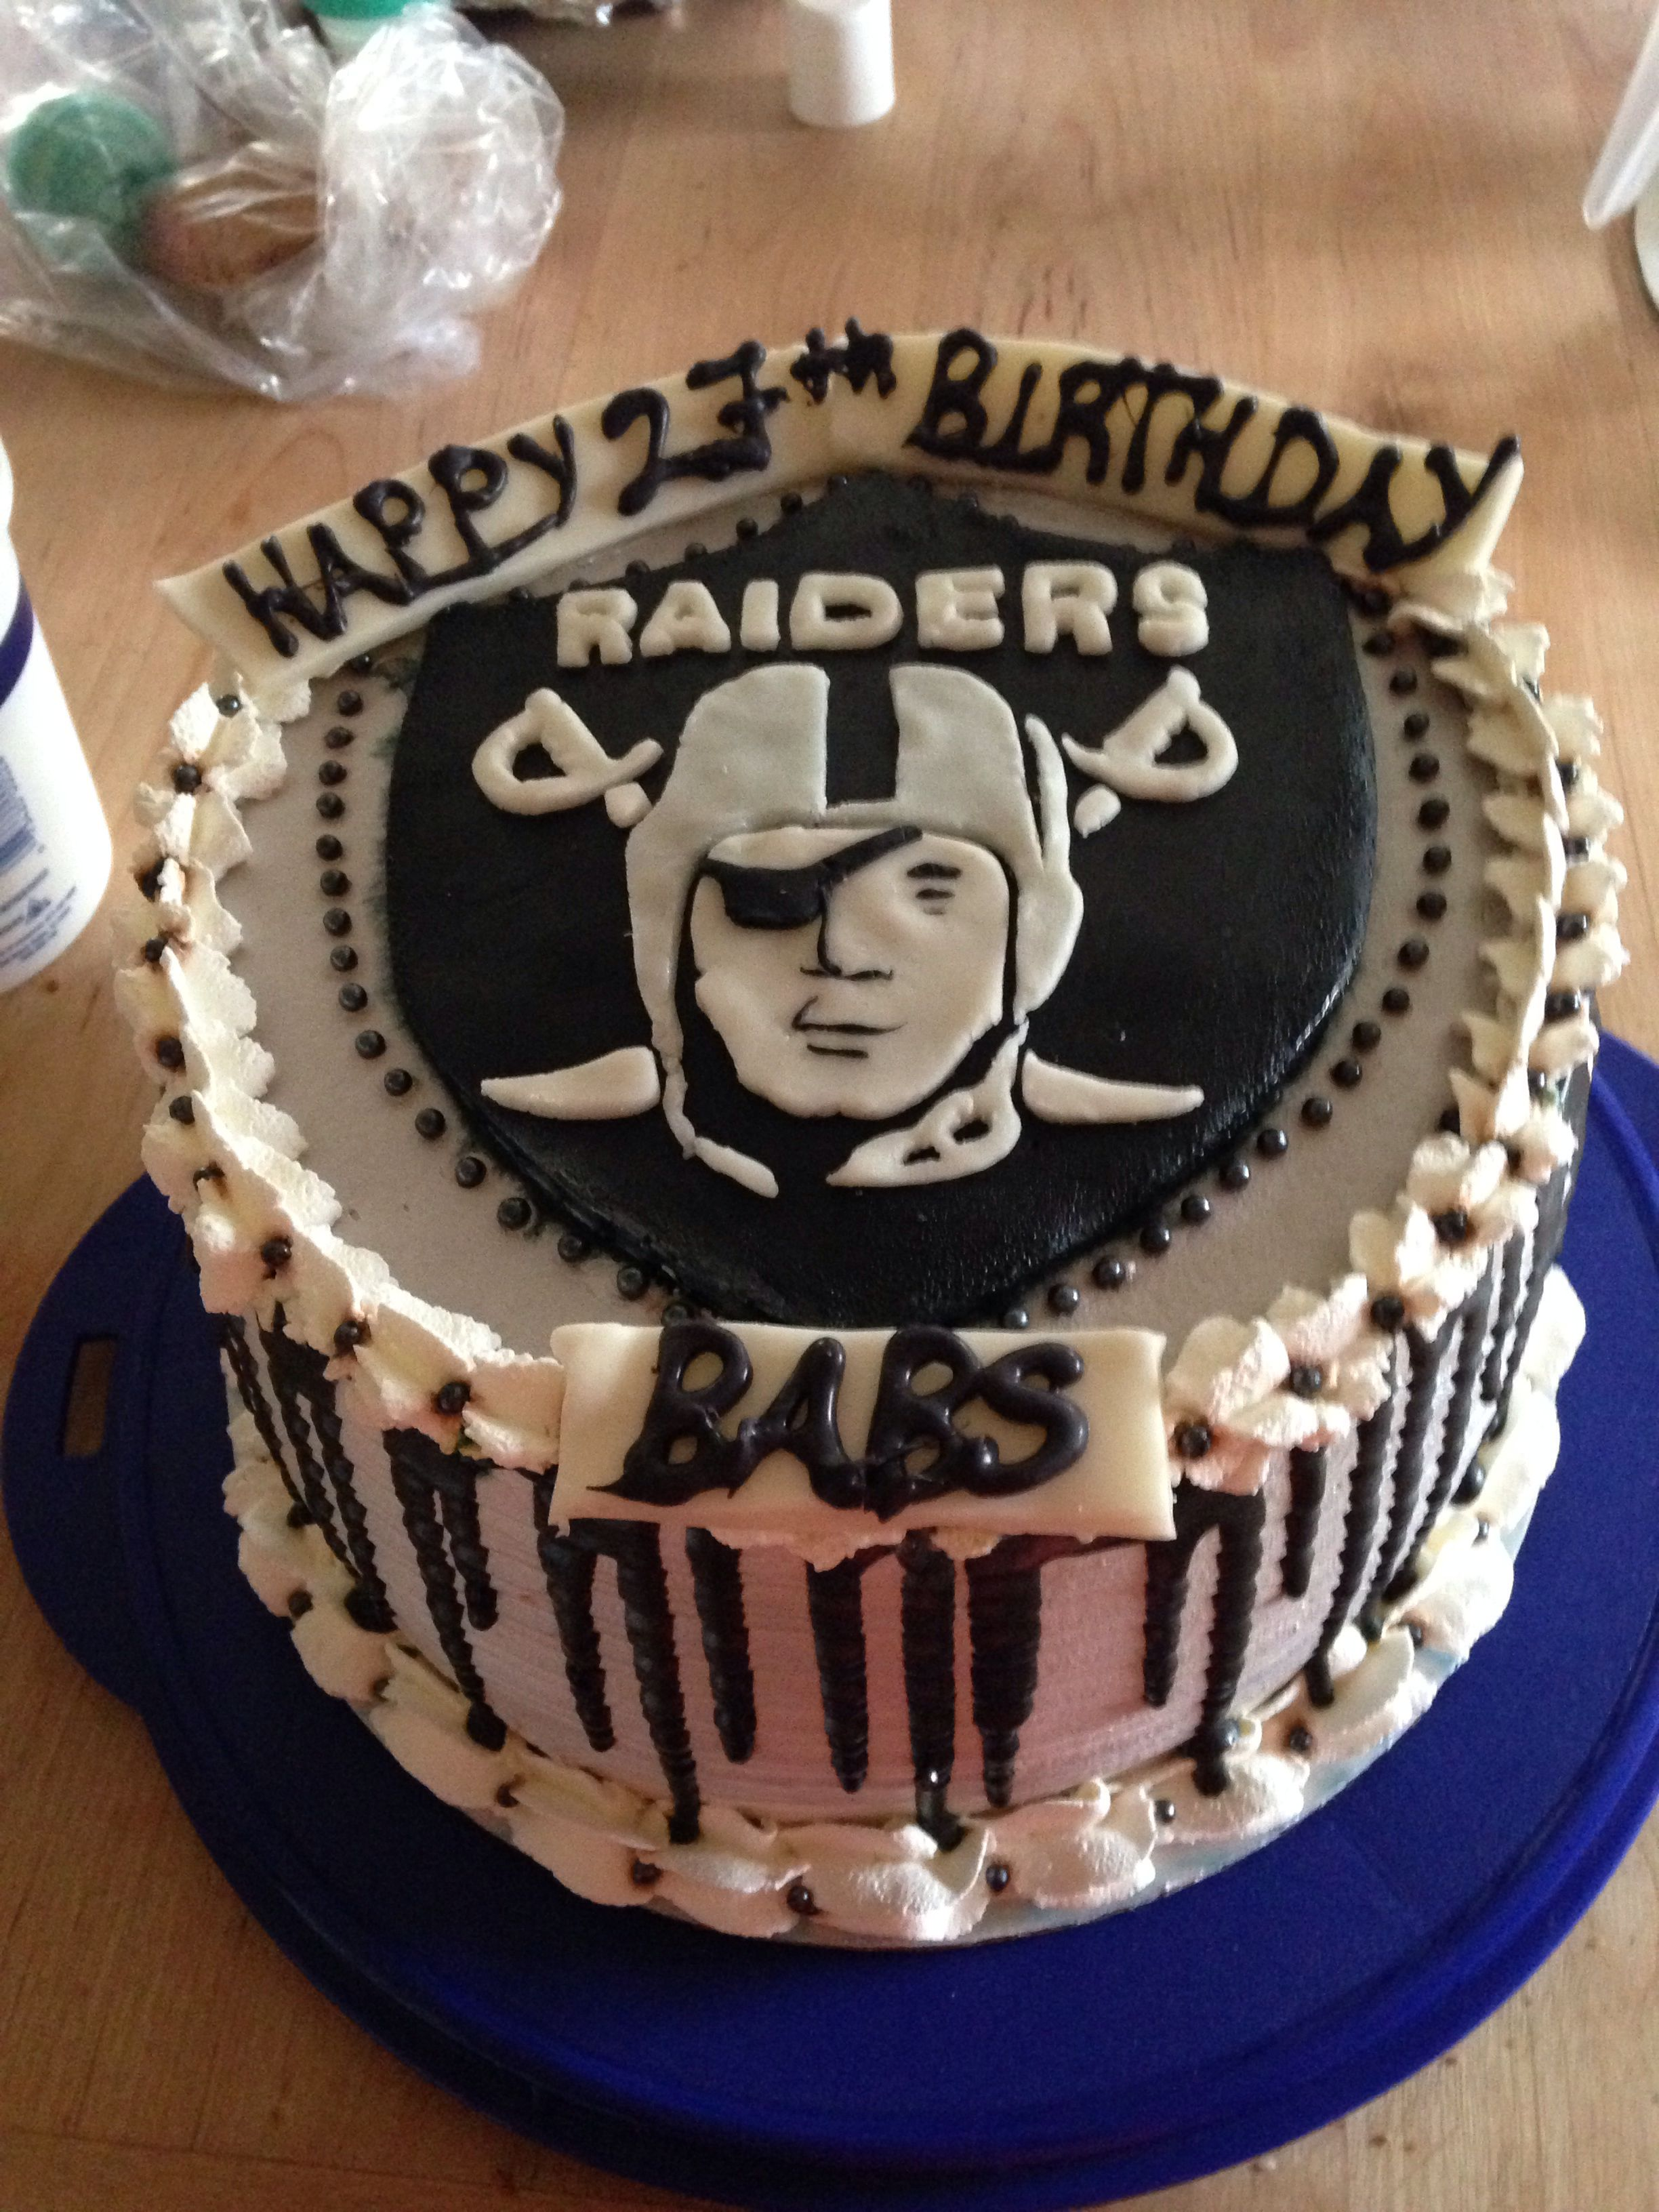 Raider Birthday Cake